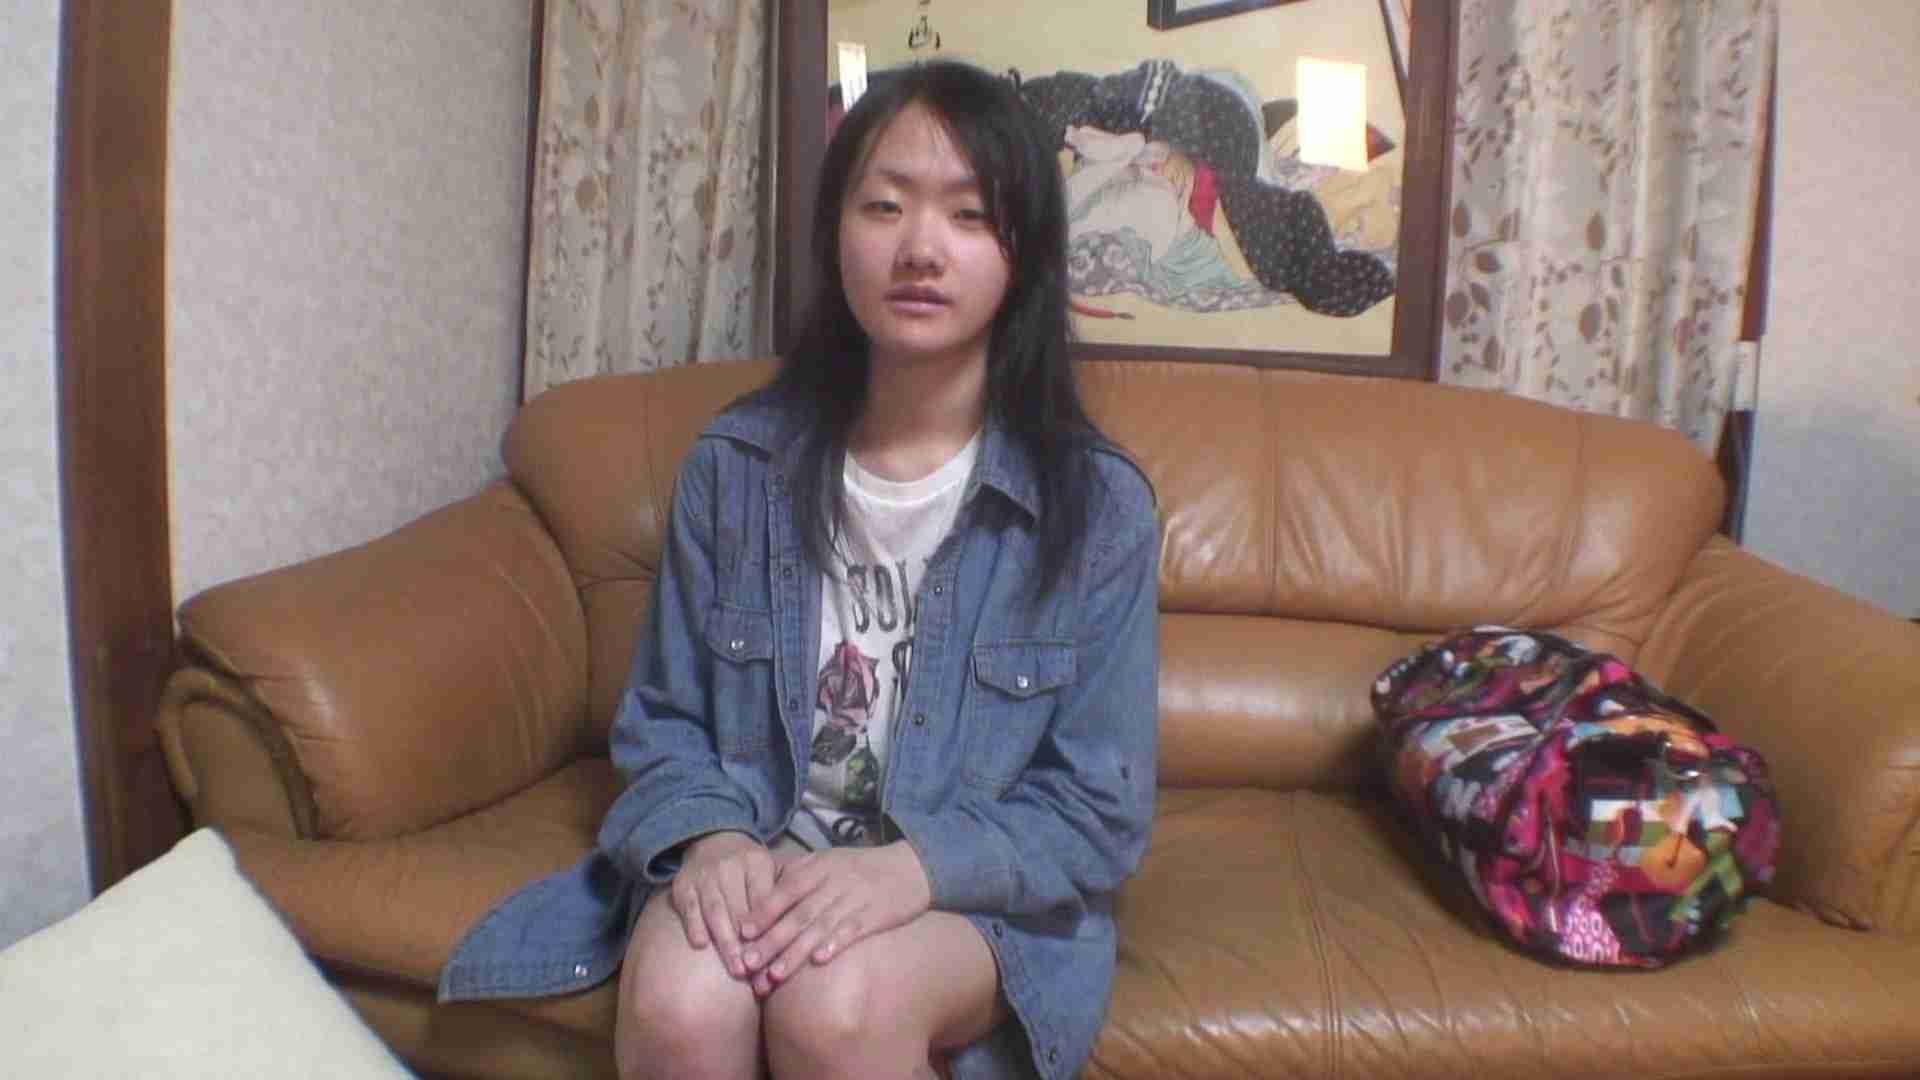 鬼才沖本監督作品 うさぎと呼ばれた女 高画質  110PIX 2